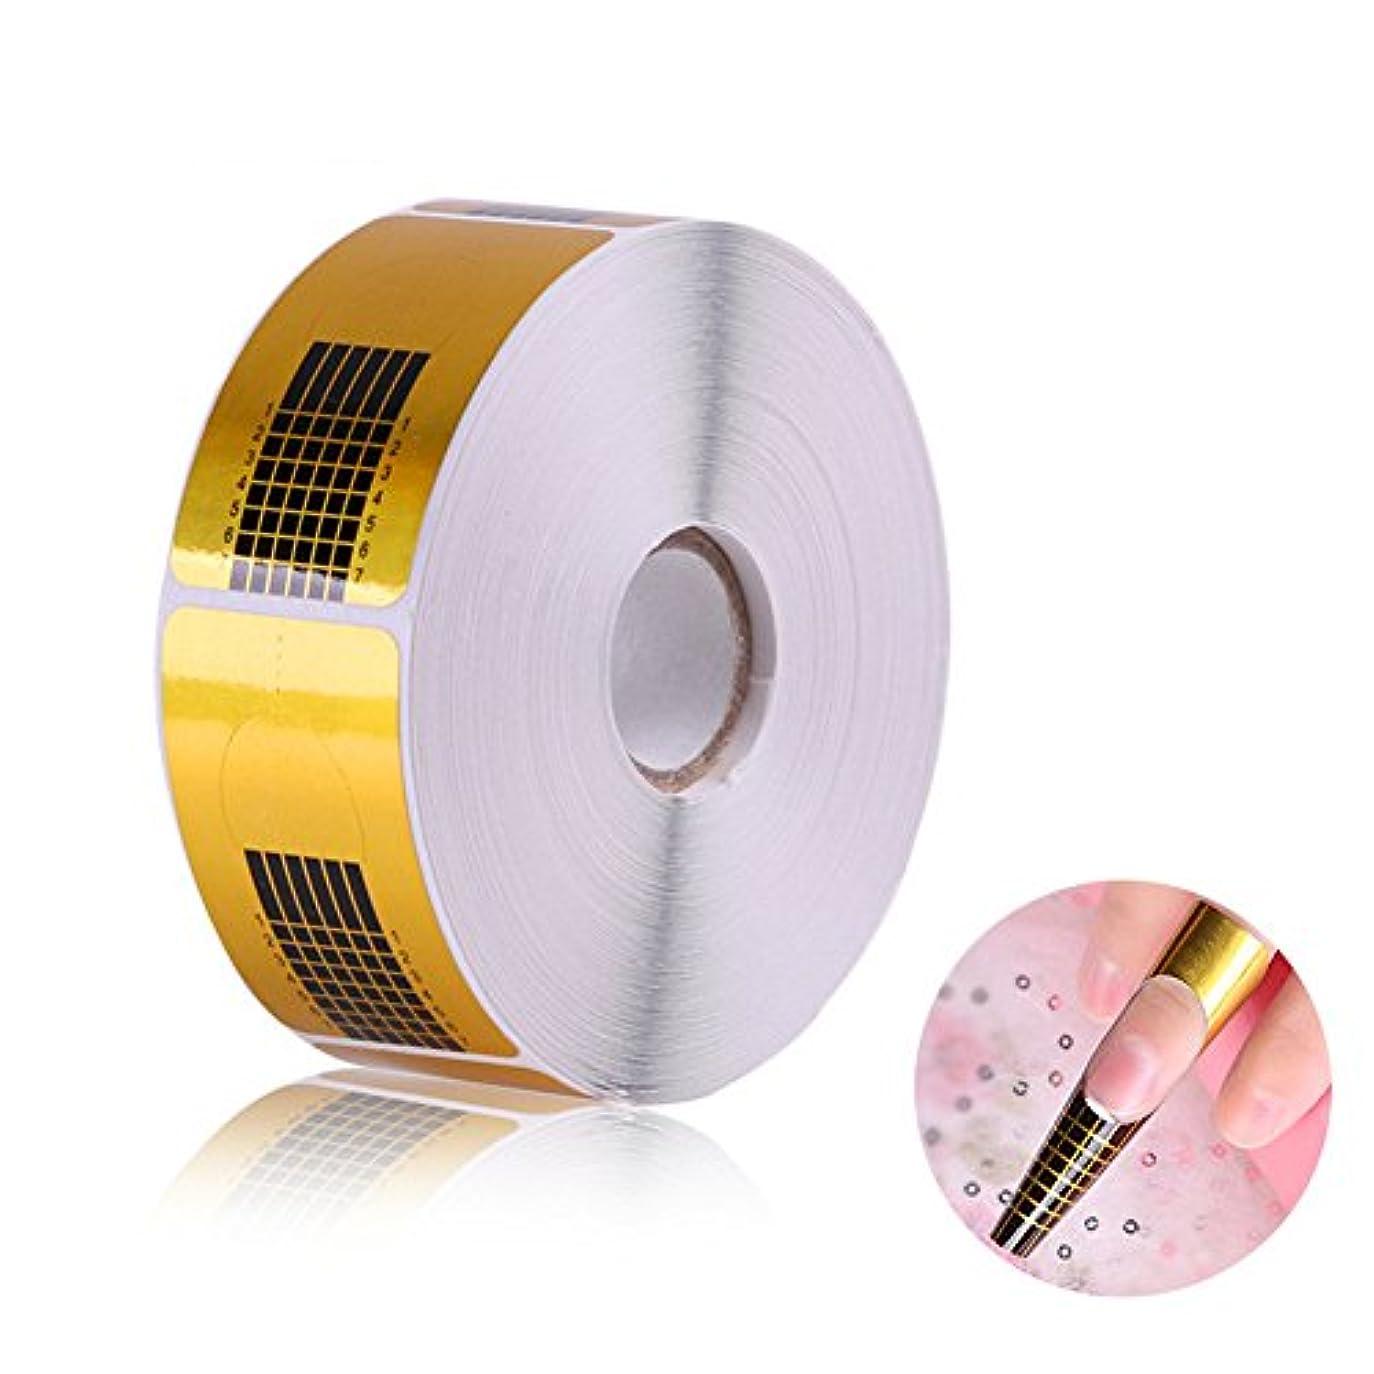 なくなるネックレット強度長さだしネイルフォームガイドテープ アクリル、UVジェルネイルチップエクステンションに適用なツール マニキュアネイルアートツール (500枚)